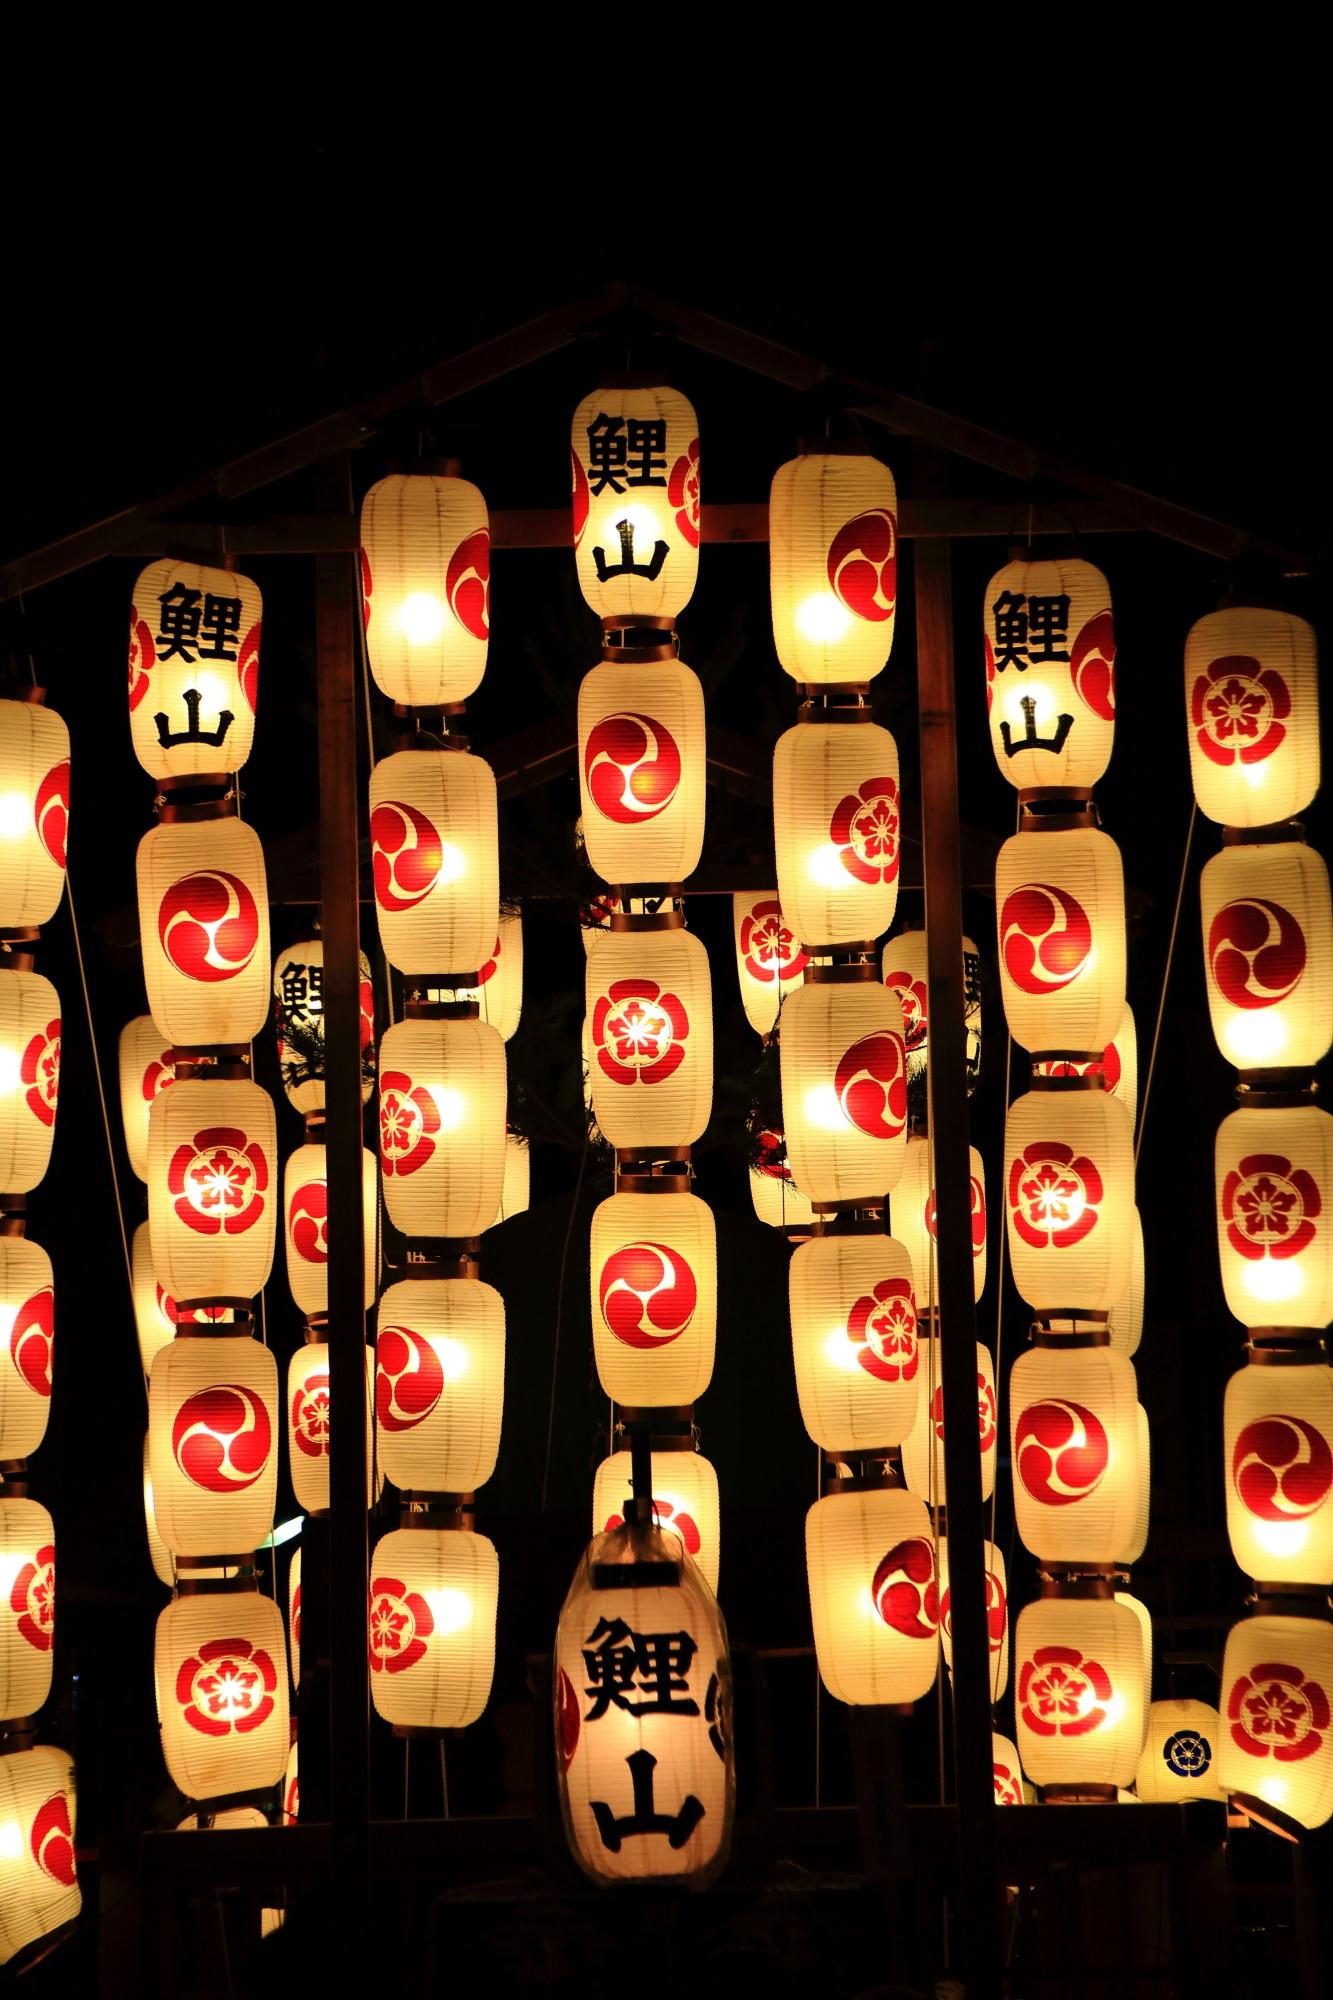 鯉山 宵山 祇園祭 後祭 駒形提灯